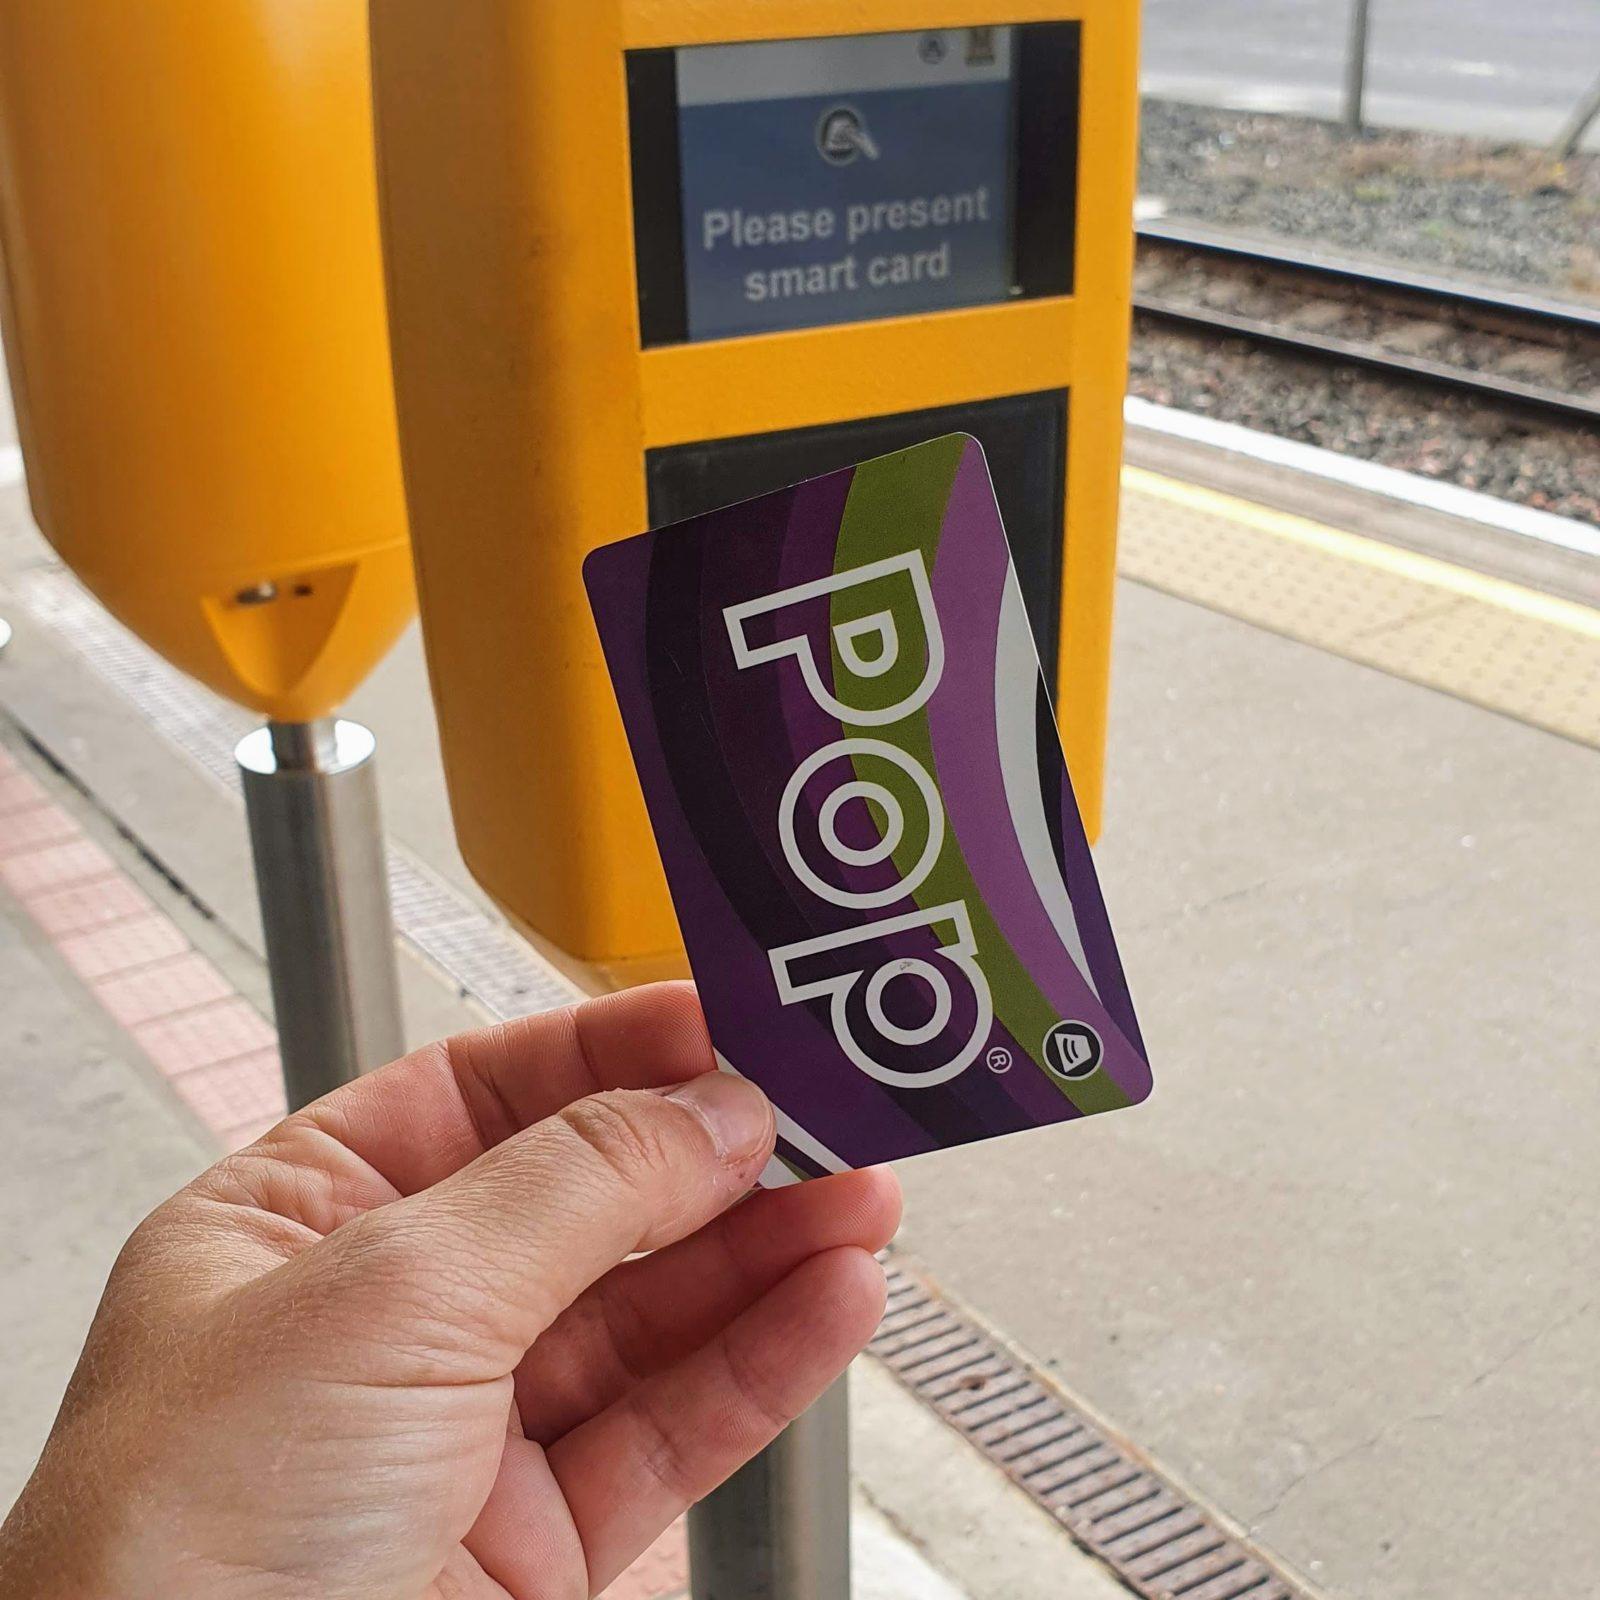 pop pay as you go card